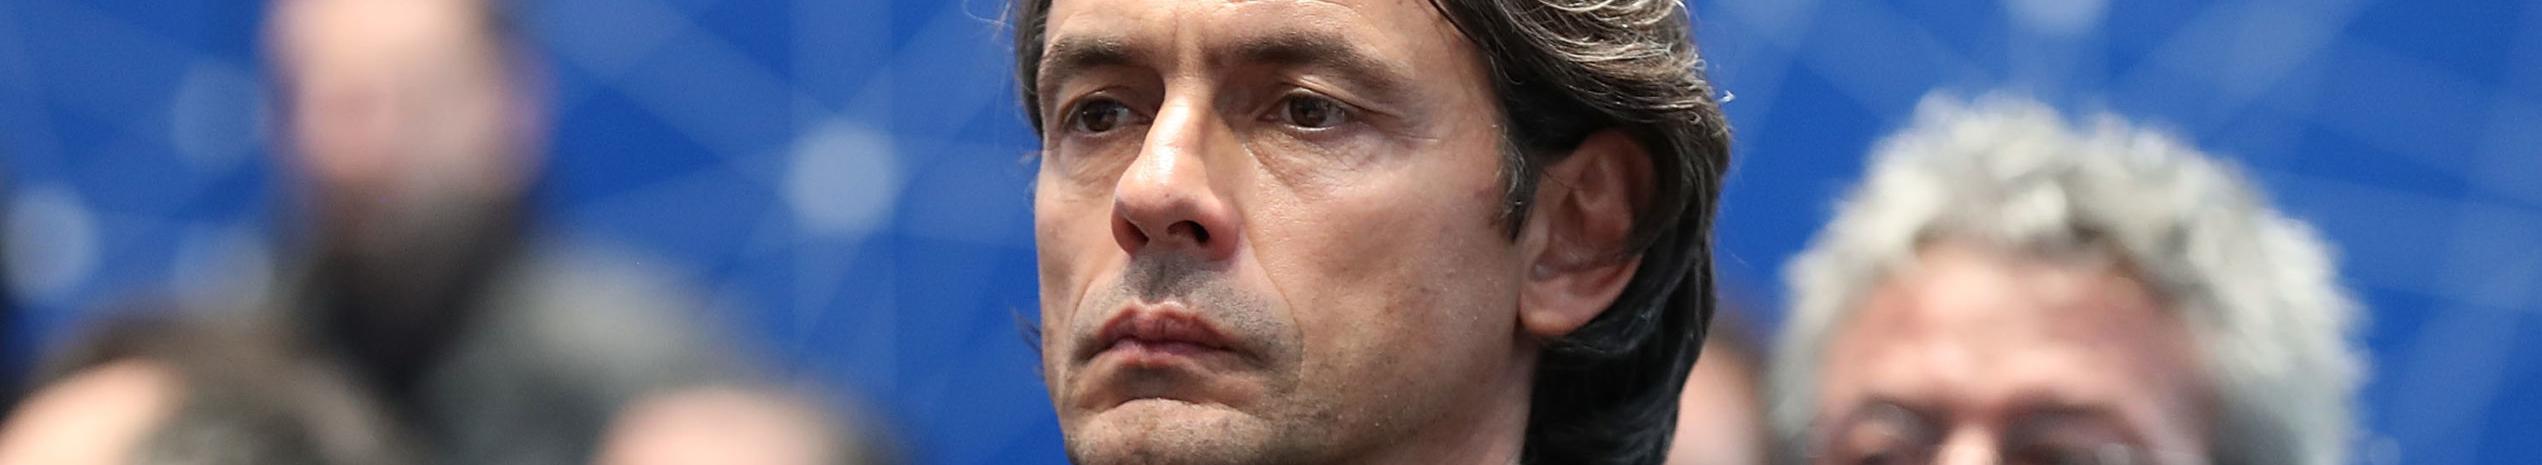 Cosenza-Benevento: Inzaghi vuole allungare su Pordenone e Crotone